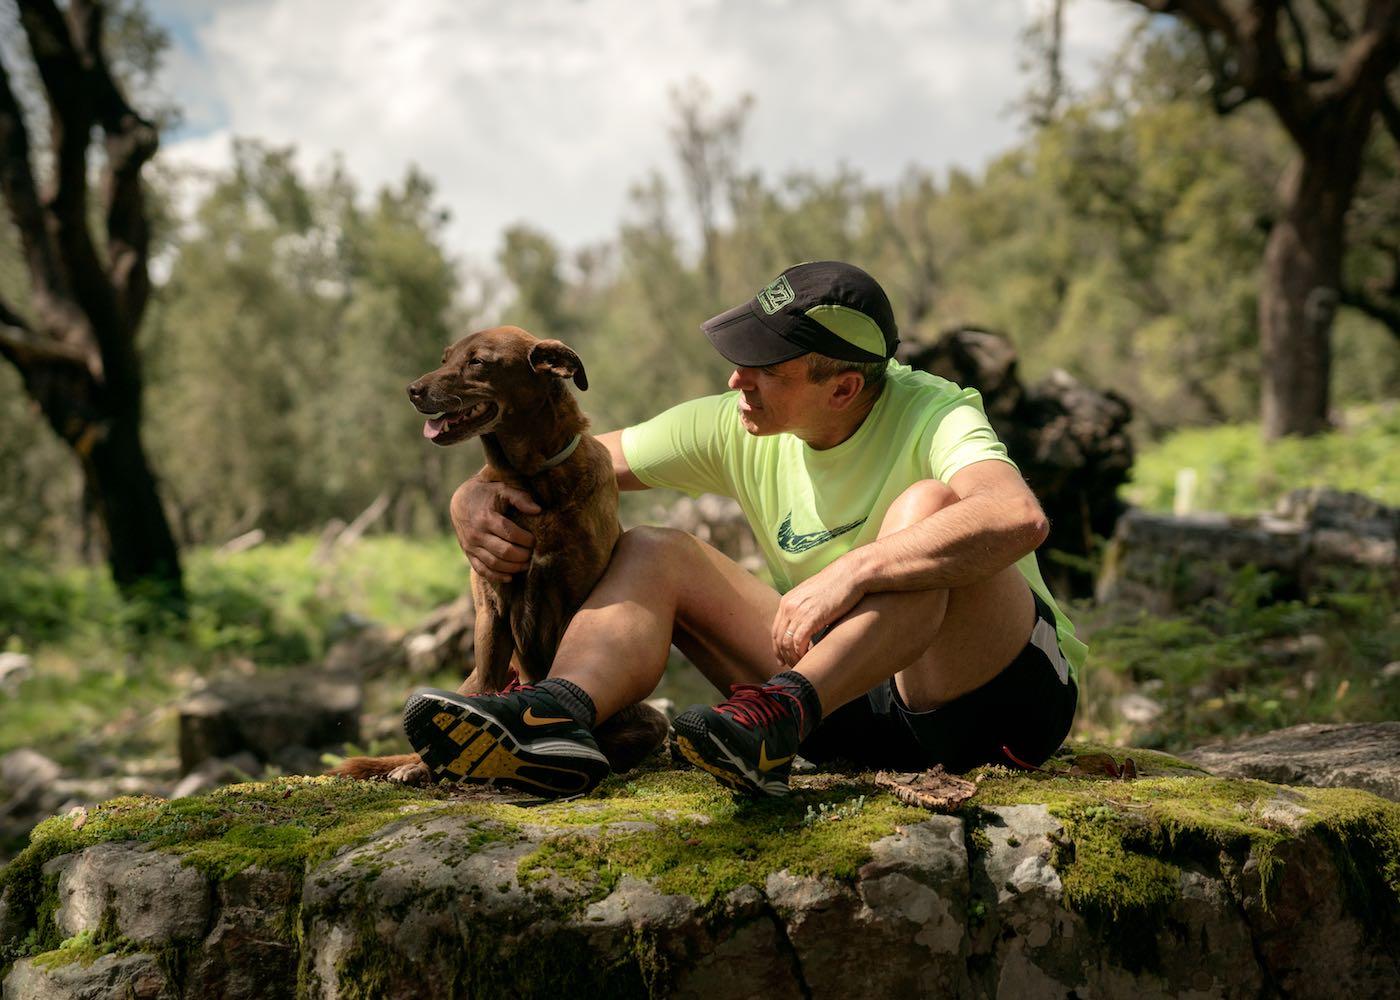 pedro pedrosa sentado descansando com o cão